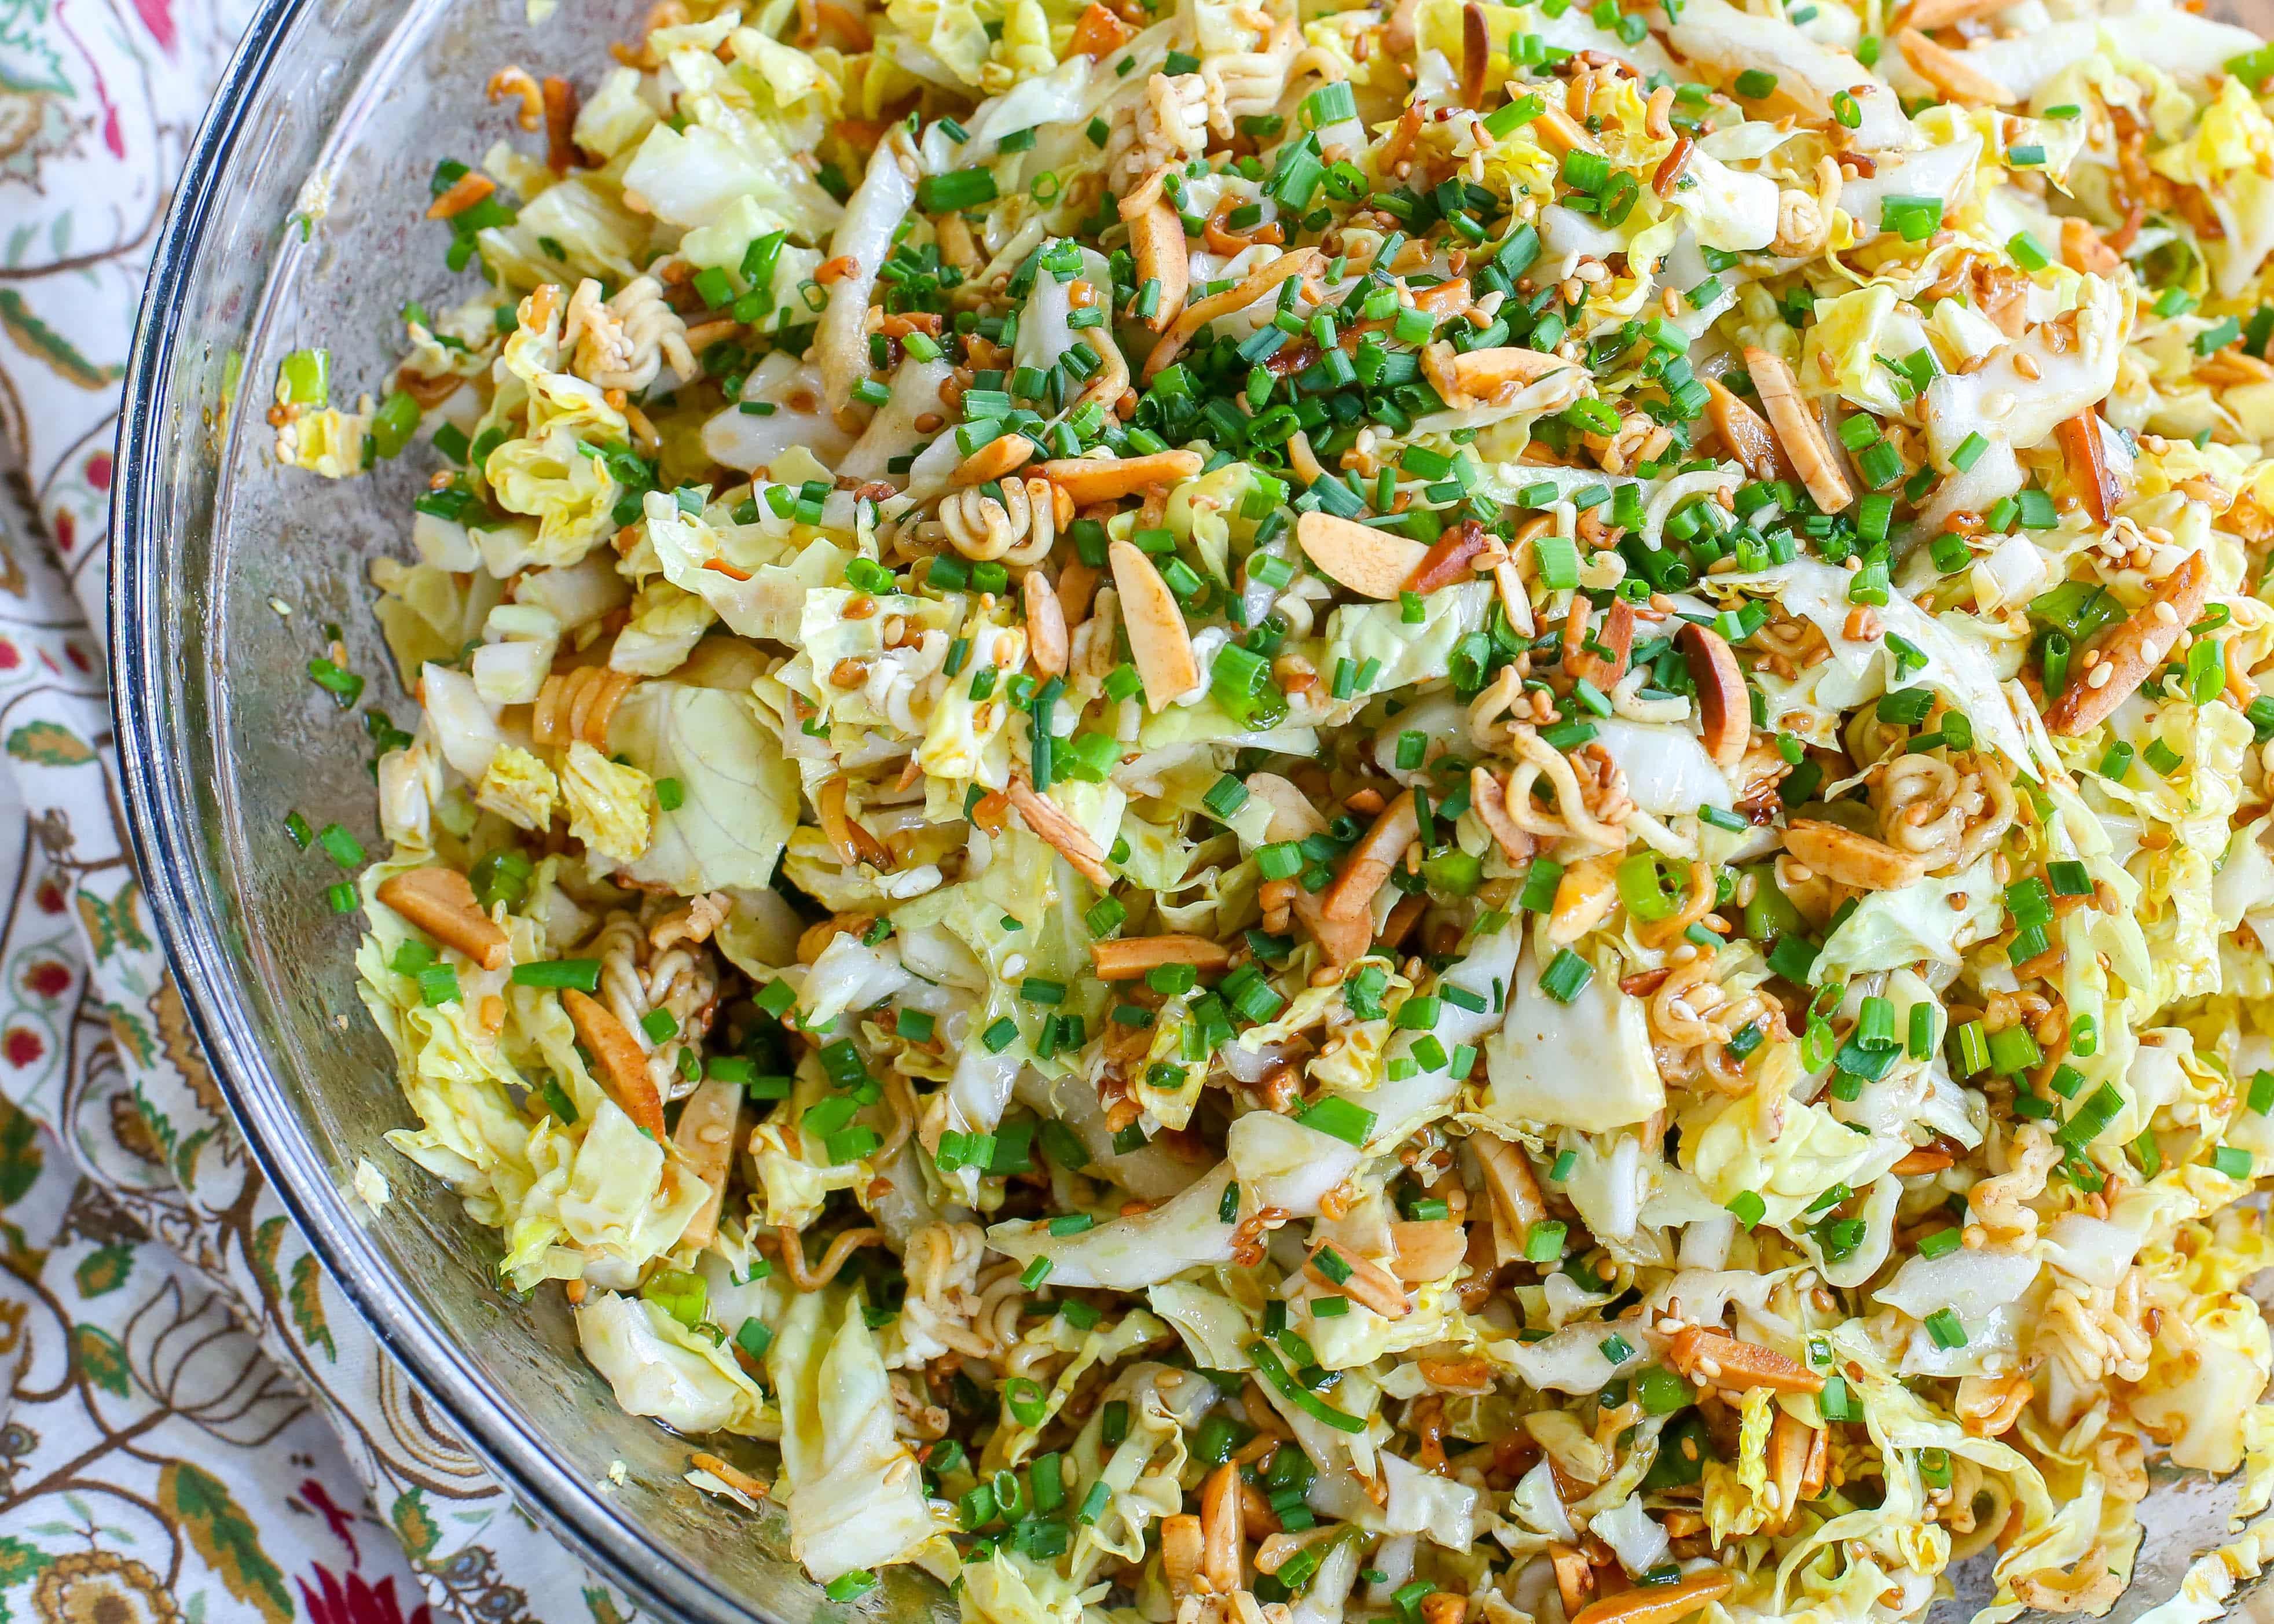 The BEST Ramen Noodle Salad